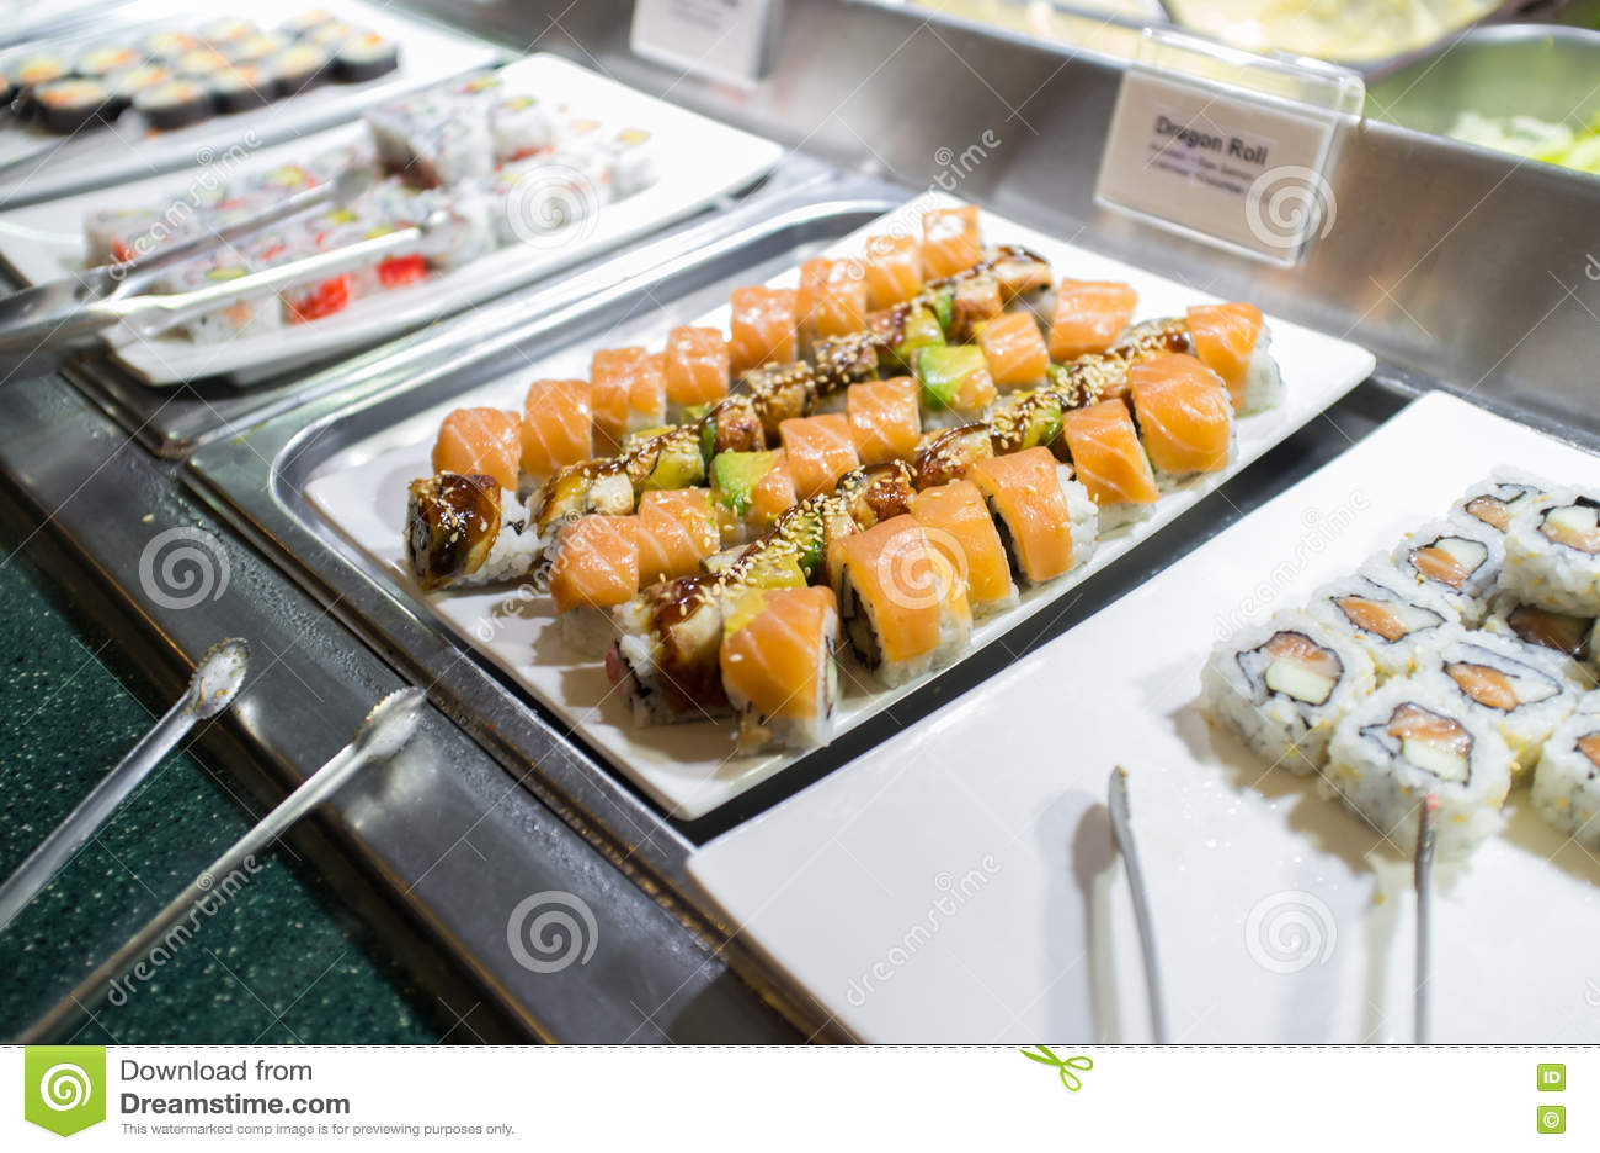 Sushi Buffet Platter Stock Photo Image Of Sauce Sesame 72308784 Benvenuto nella pagina ufficiale della sede sushi station di via quintino sella. sushi buffet platter stock photo image of sauce sesame 72308784